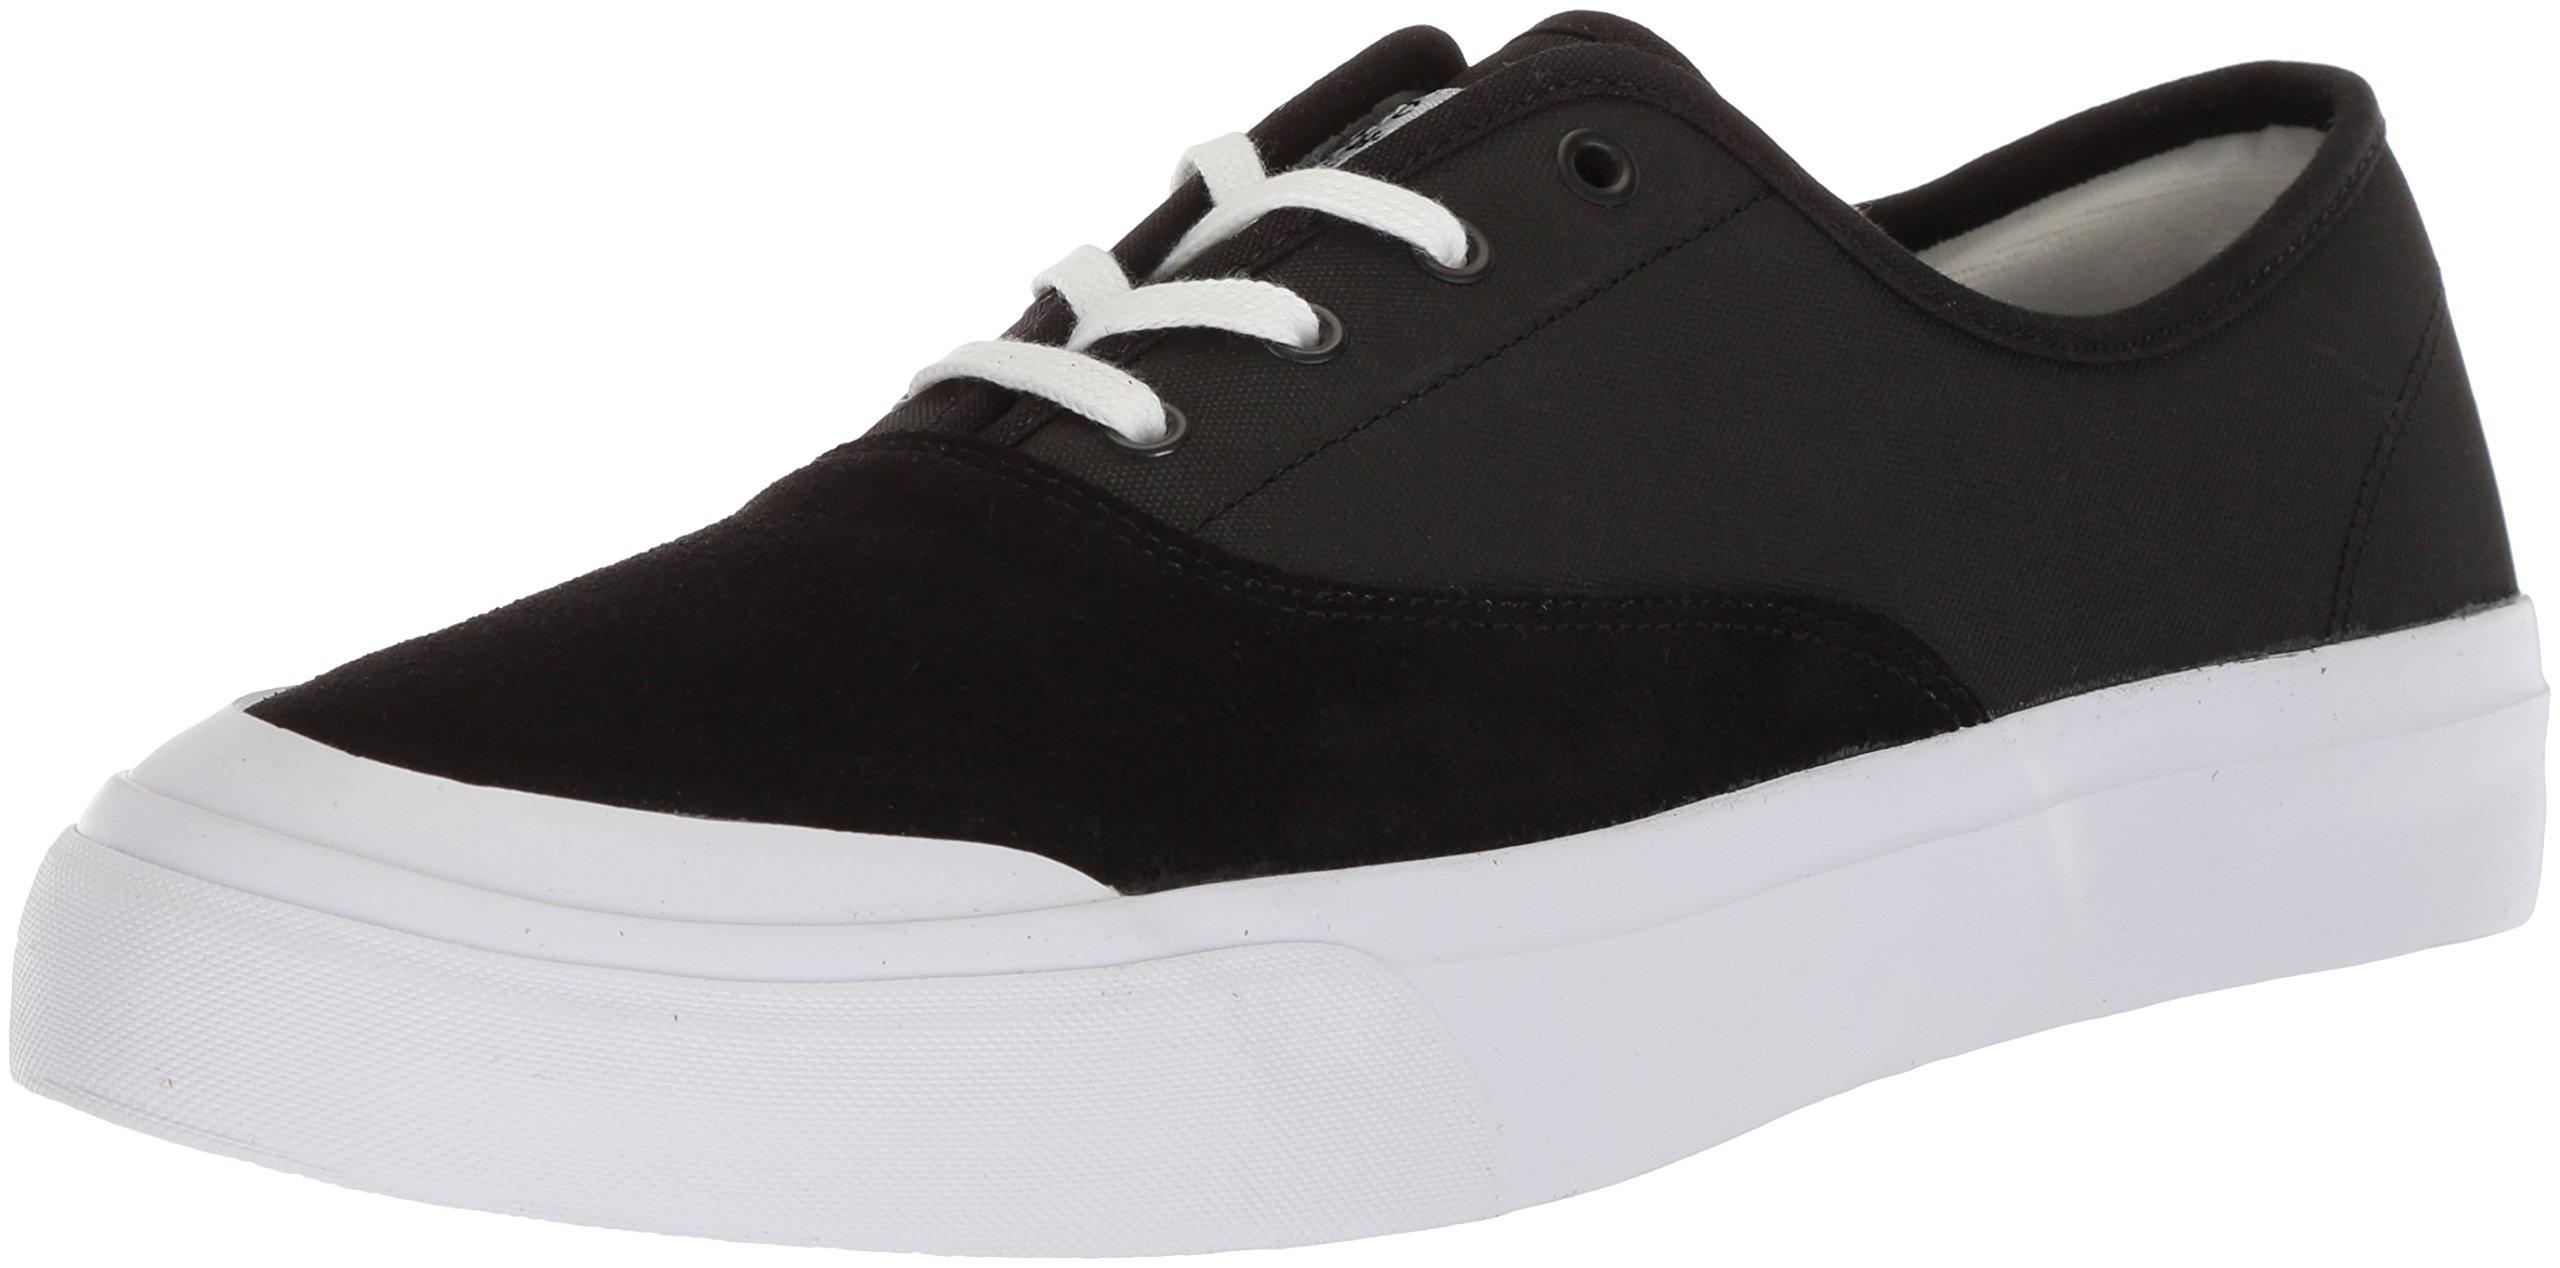 HUF Men's Cromer Skate Shoe, Black Truffle, 9.5 Regular US by HUF